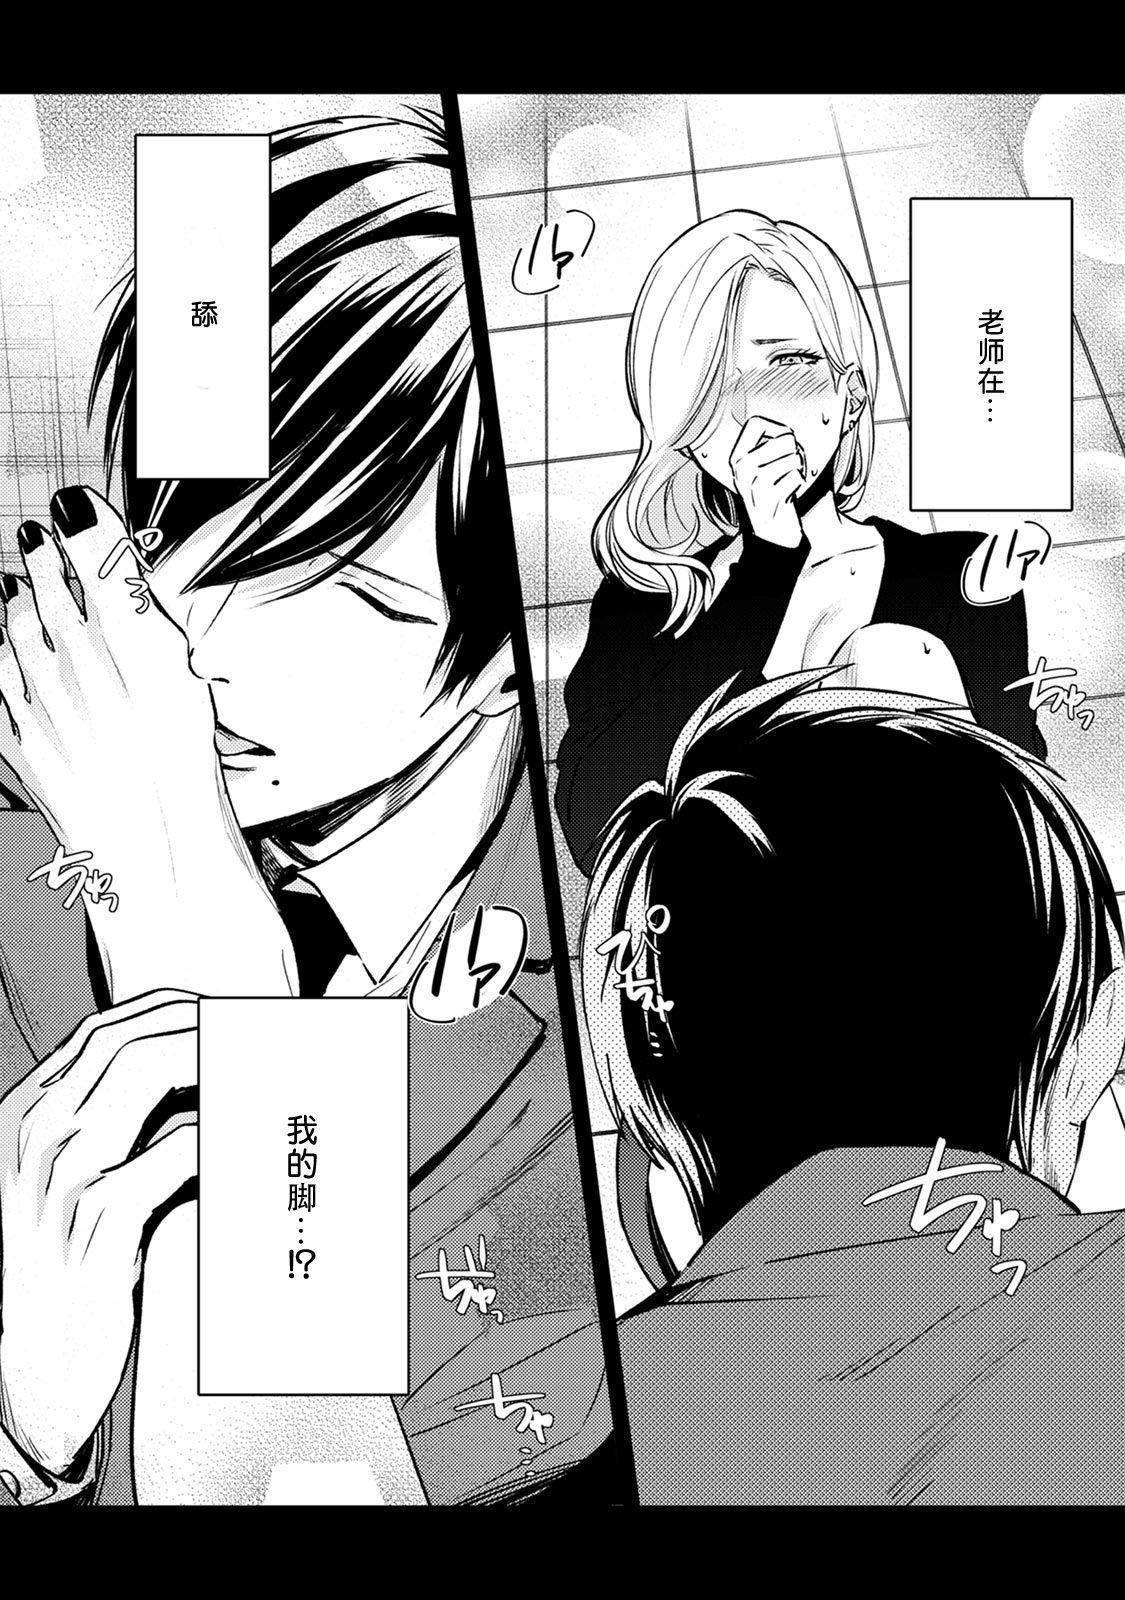 [Reiji] Sensei no Himitsu ~Kimi no ❤❤ ga Suki~ 2 [Chinese][莉赛特汉化组] 2